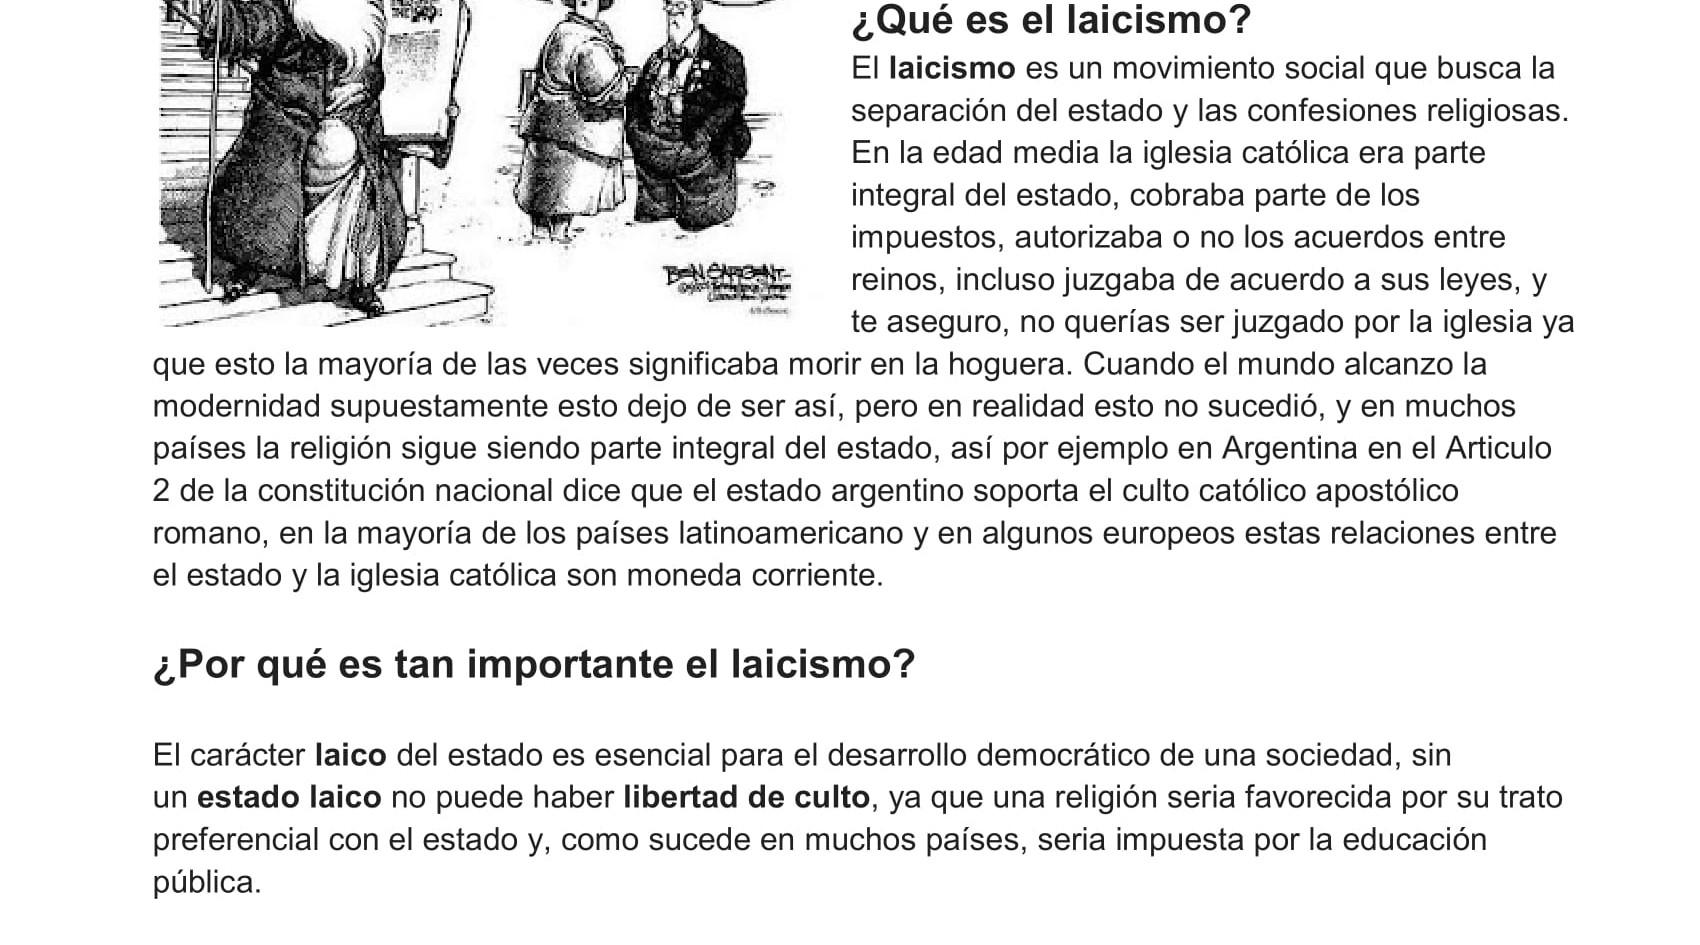 Que es el Laicismo_SPA_Guide_New.jpg